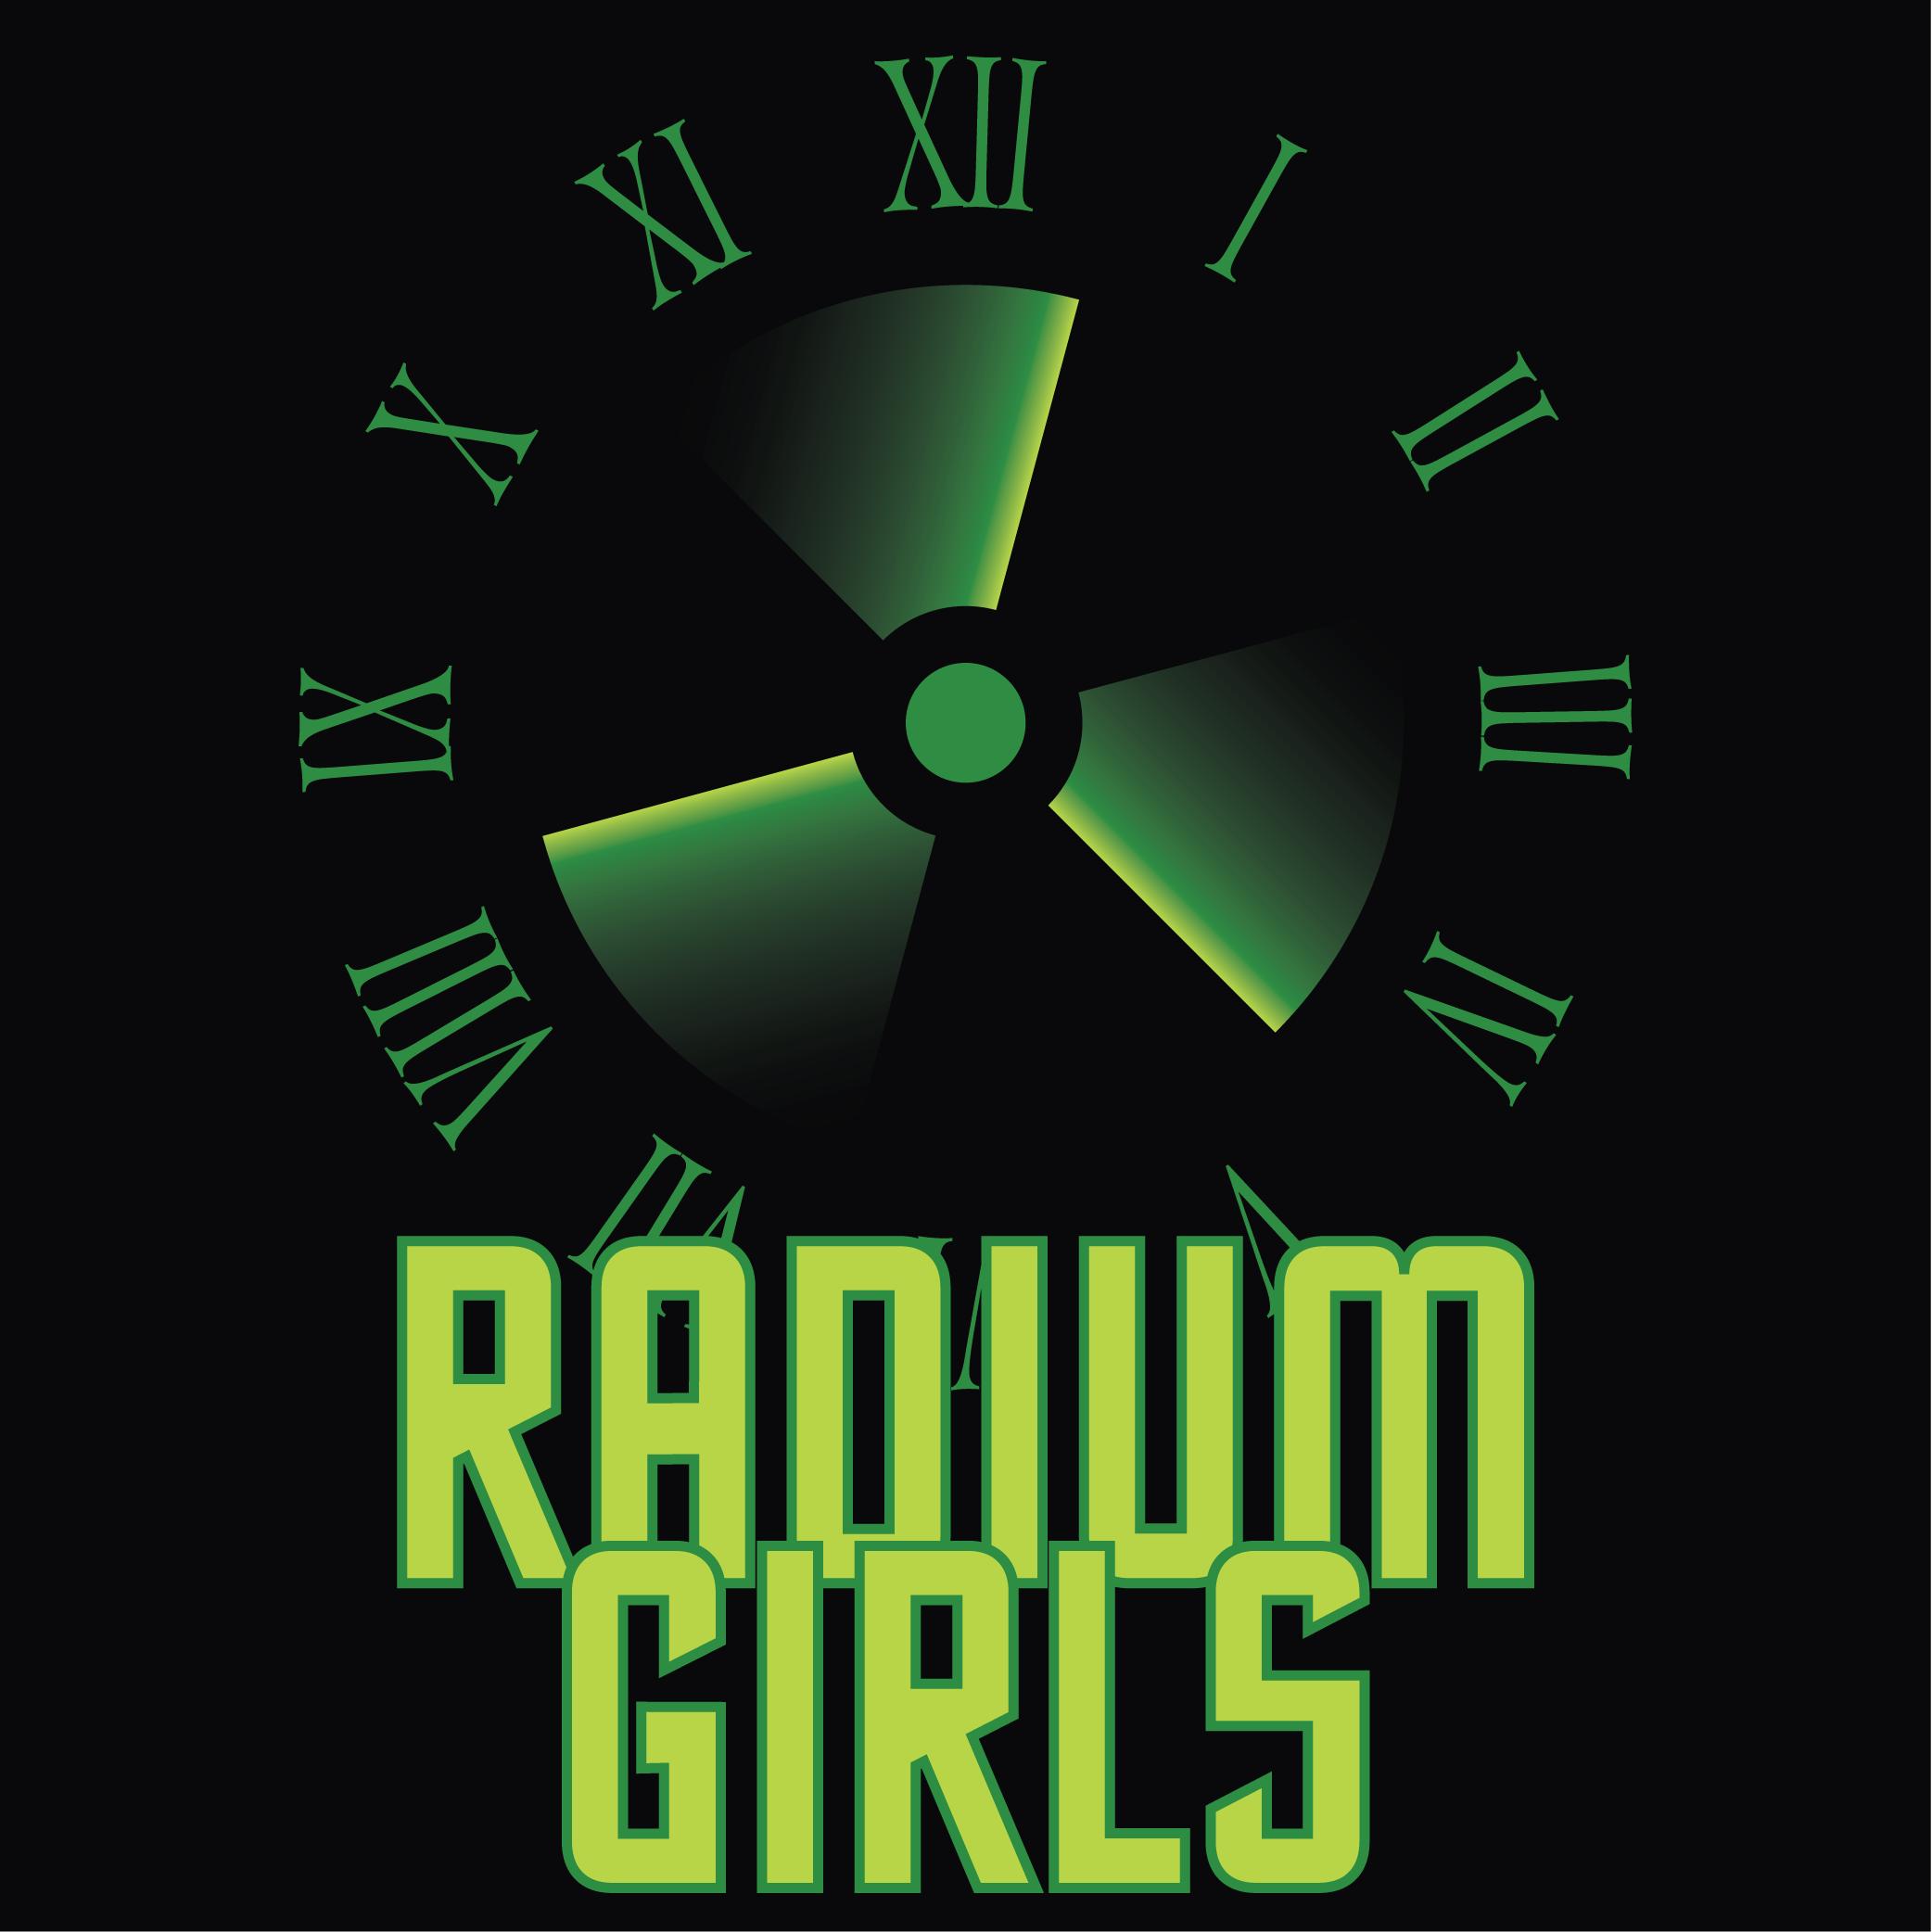 Radium Girls Show Poster